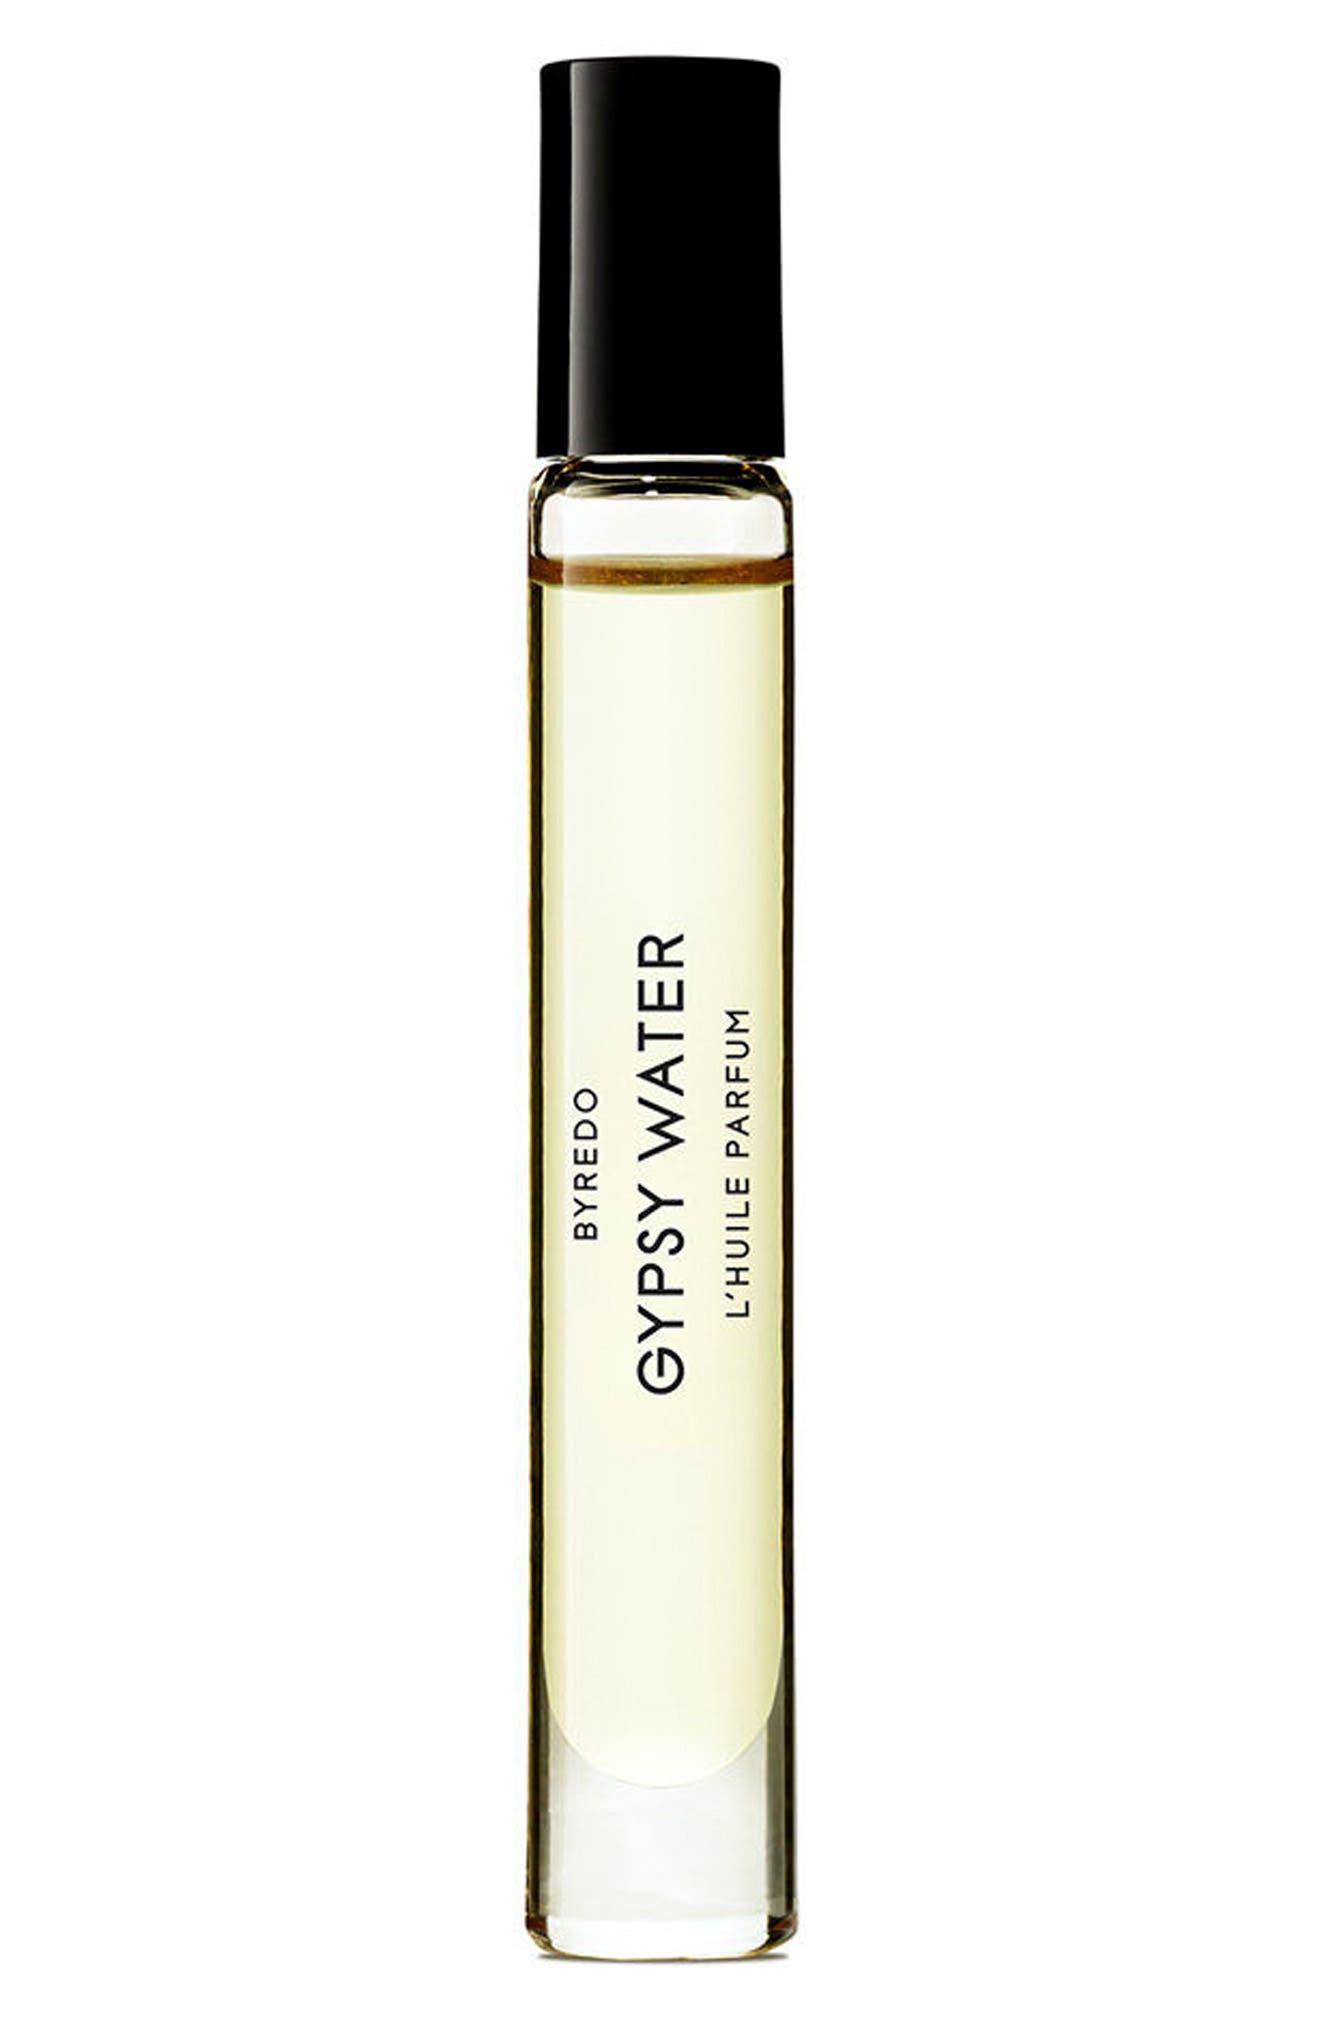 Byredo Gypsy Water Eau De Parfum Rollerball